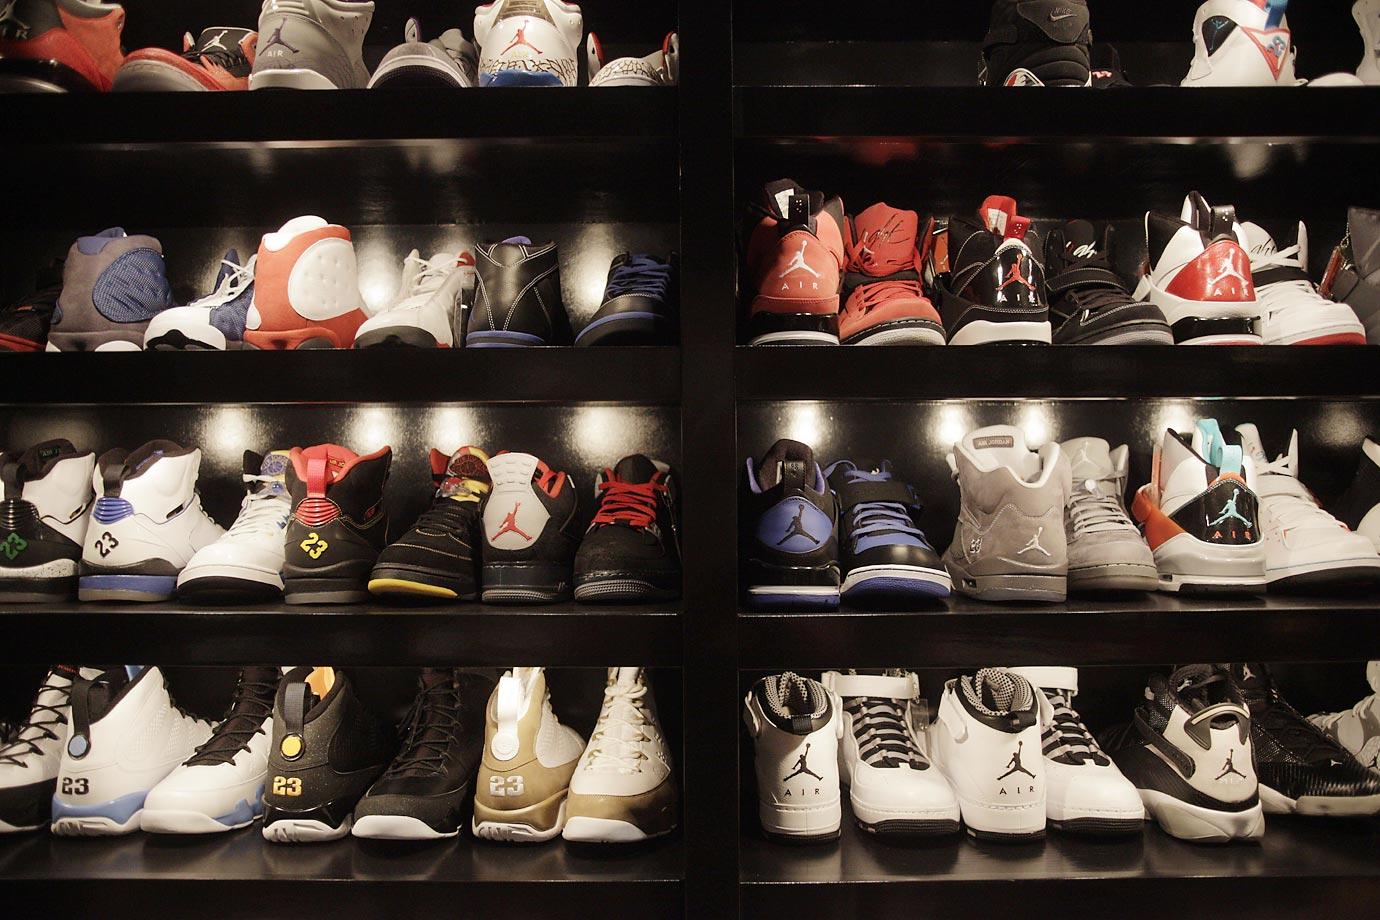 Joe Johnsonu0027s Sneaker Closet